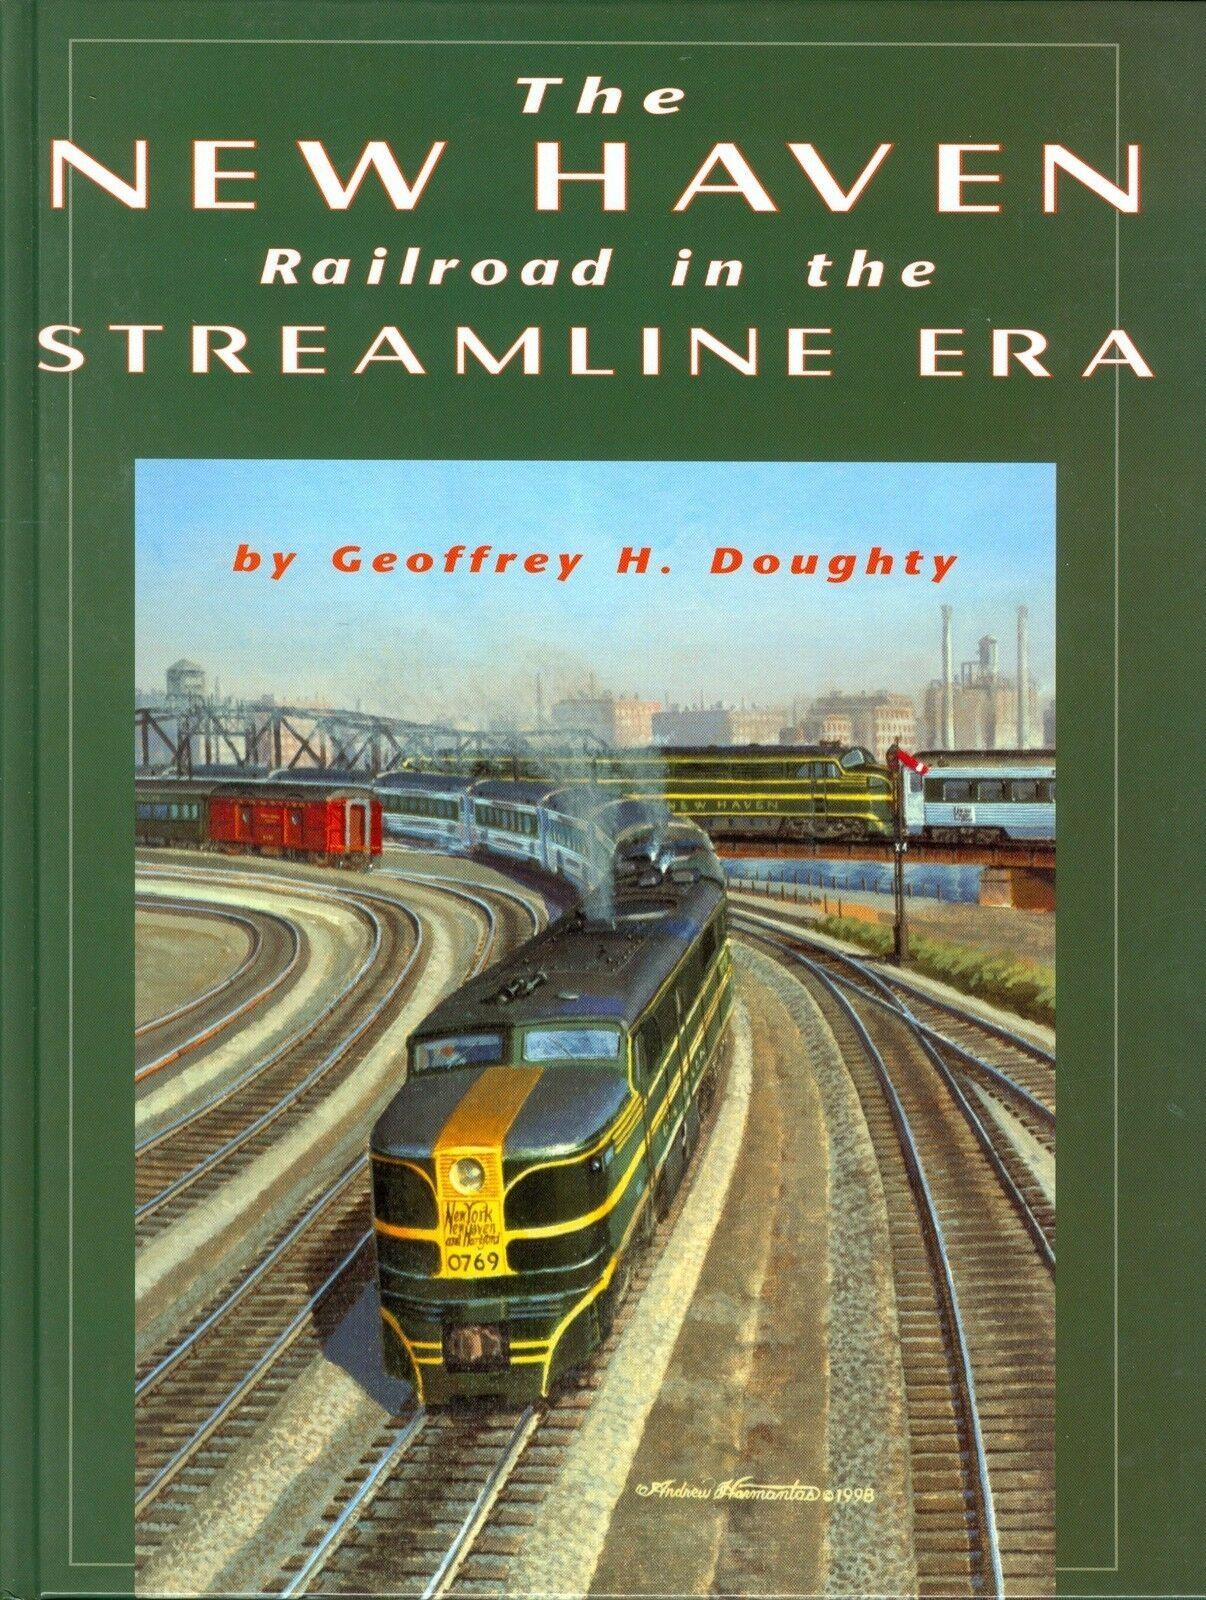 La Nuova Haven Ferrovia Nel Streamline Era: 1934 To 1960s  Out Of